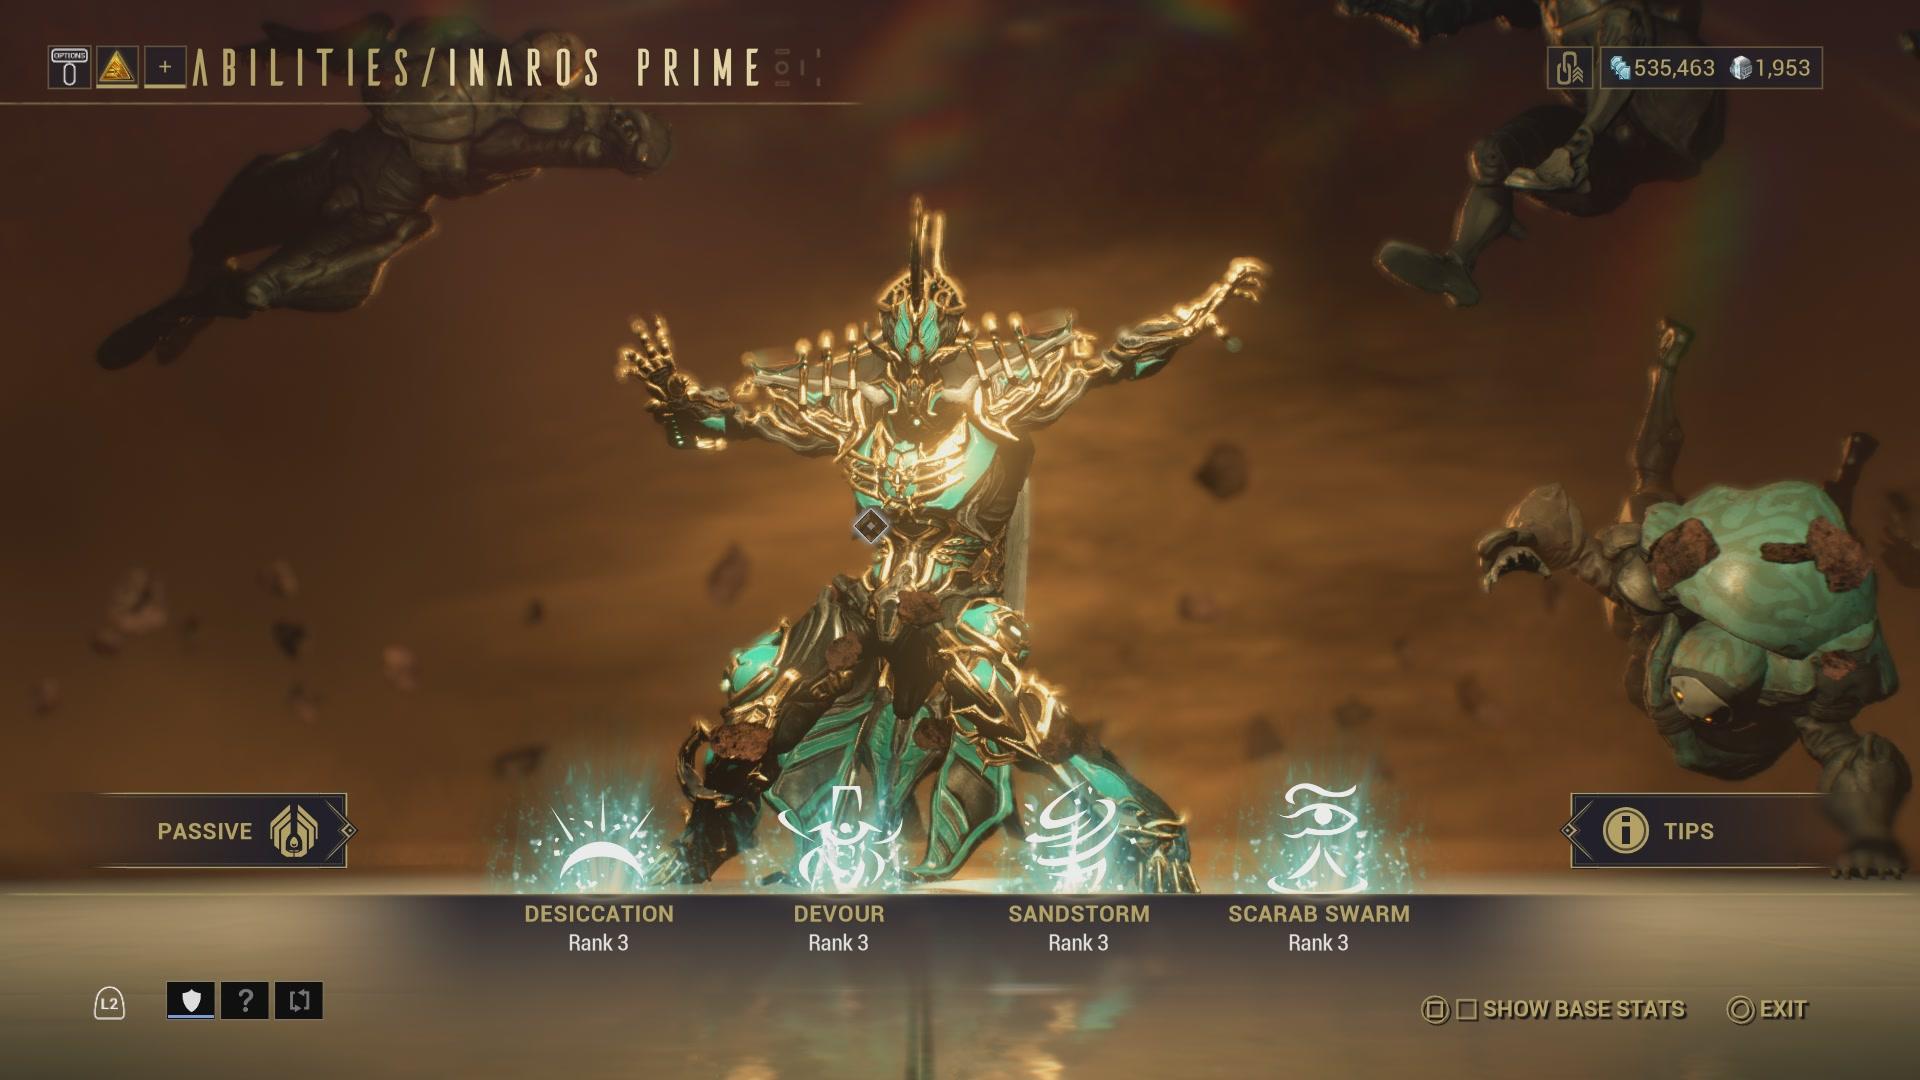 Warframe Inaros Prime Access